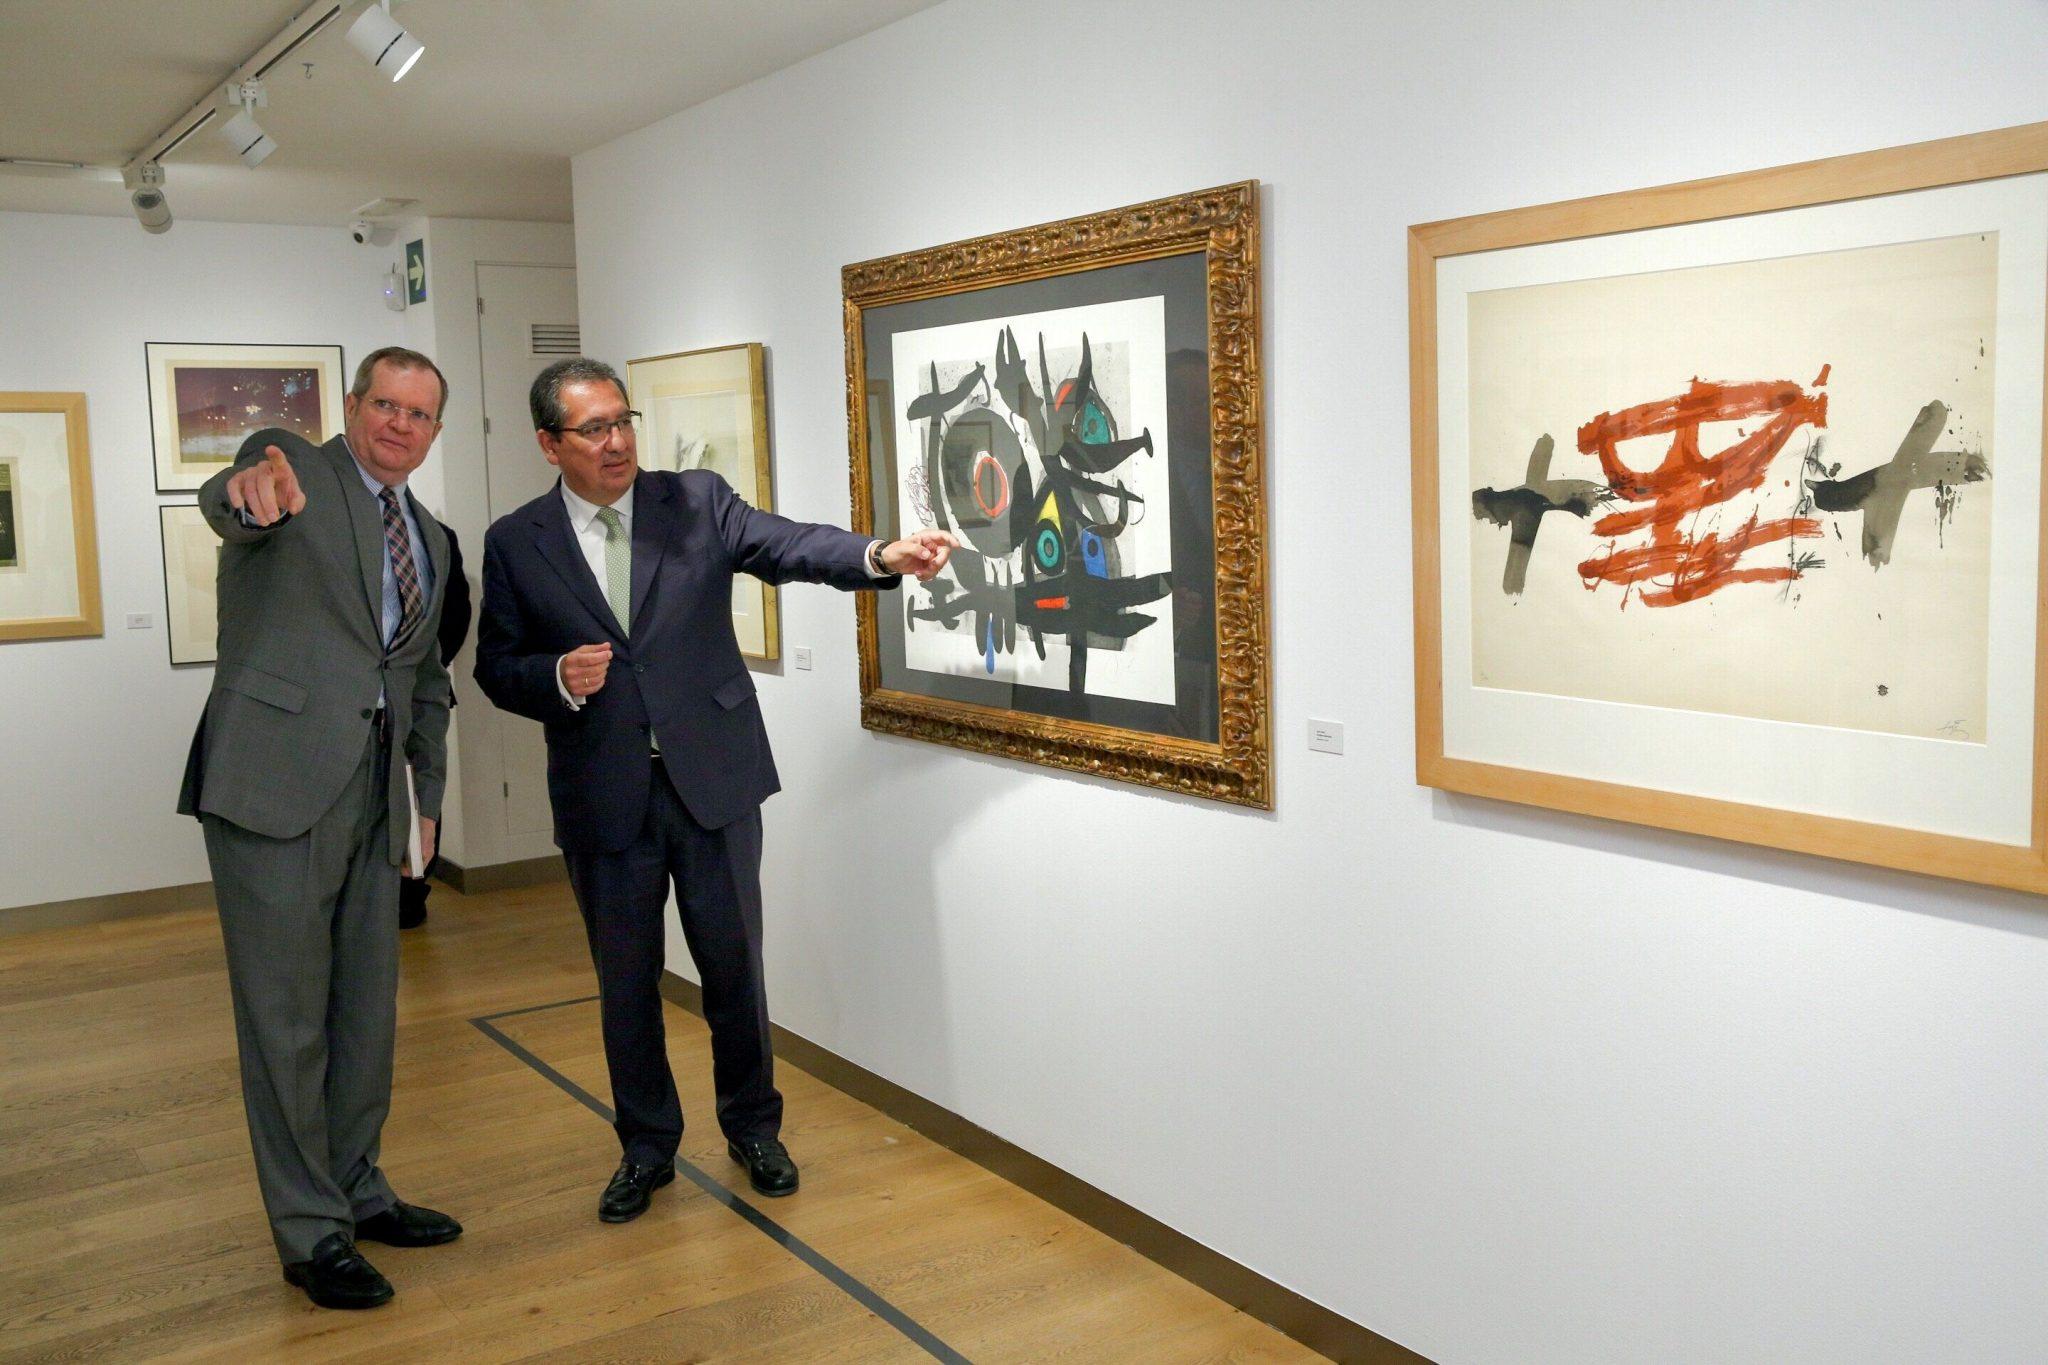 """Hoy hemos inaugurado la exposición """"Obra gráfica en la Colección de la Fundación Cajasol"""", que expone el patrimonio gráfico de la institución."""